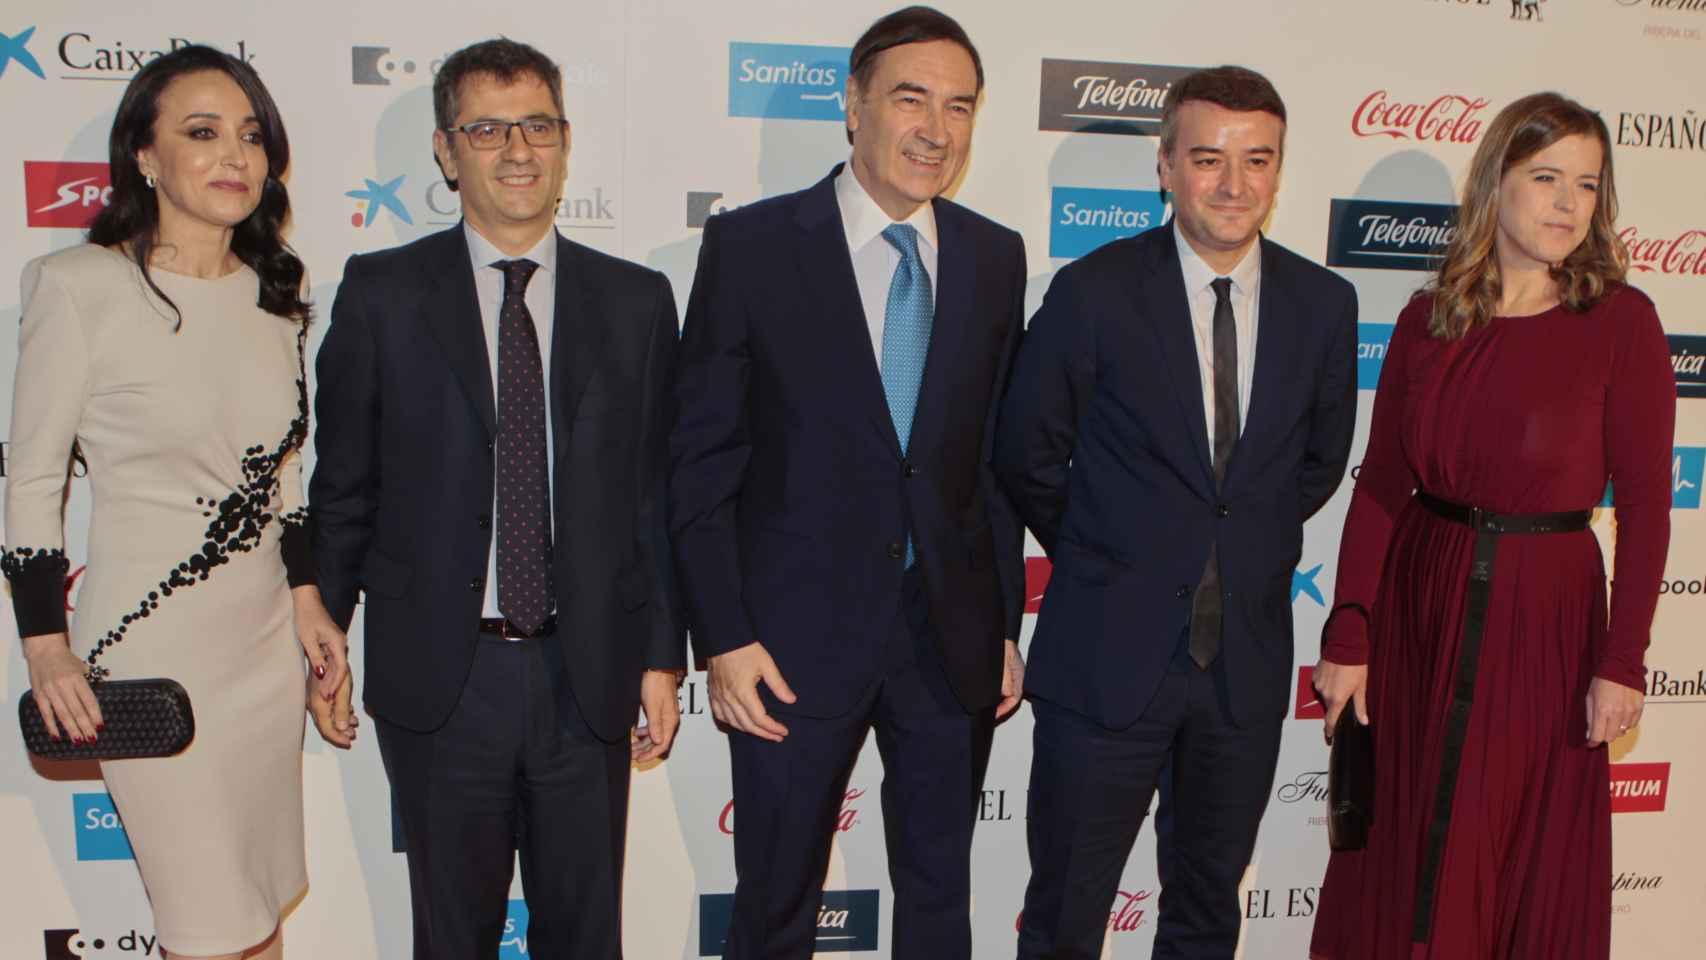 De izquierda a derecha, Cruz Sánchez de Lara, Félix Bolaños (secretario general de la Presidencia del Gobierno), Pedro J. Ramírez, Iván Redondo (director de Gabinete de Presidencia) y ????